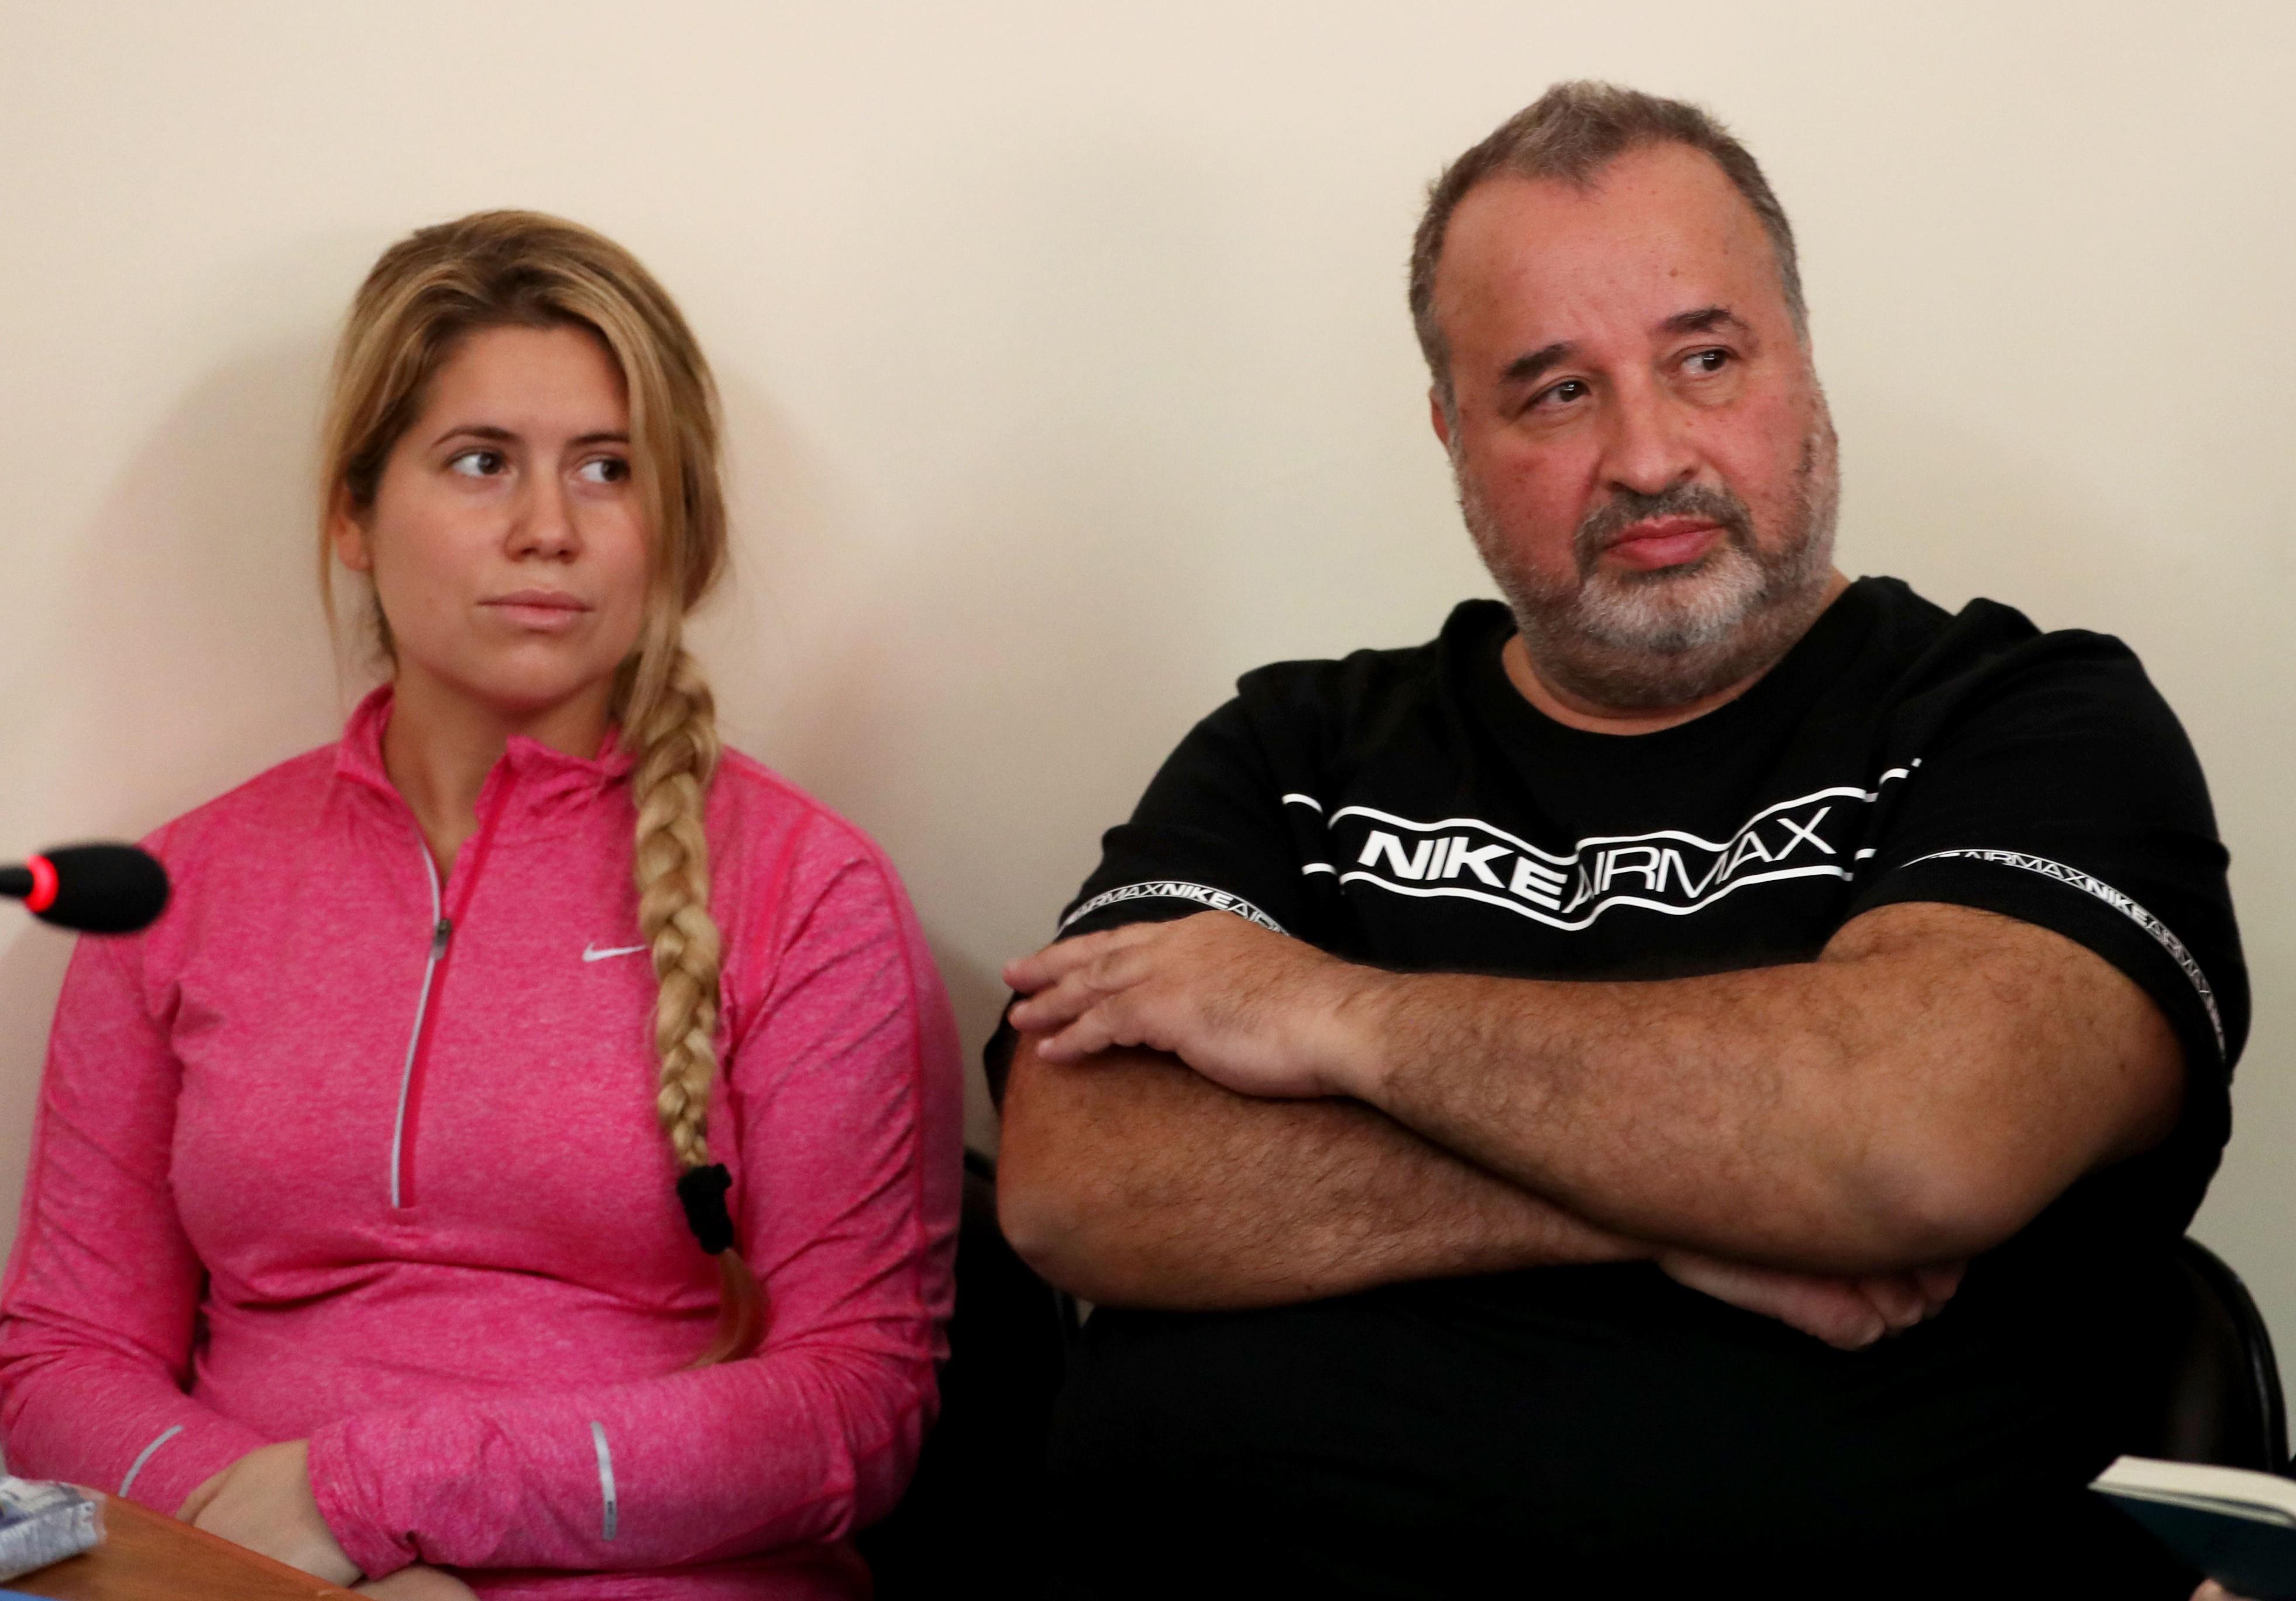 La esposa de Balcedo, Fiege, se queja de las cucarachas. Le negaron la prisión domiciliaria.